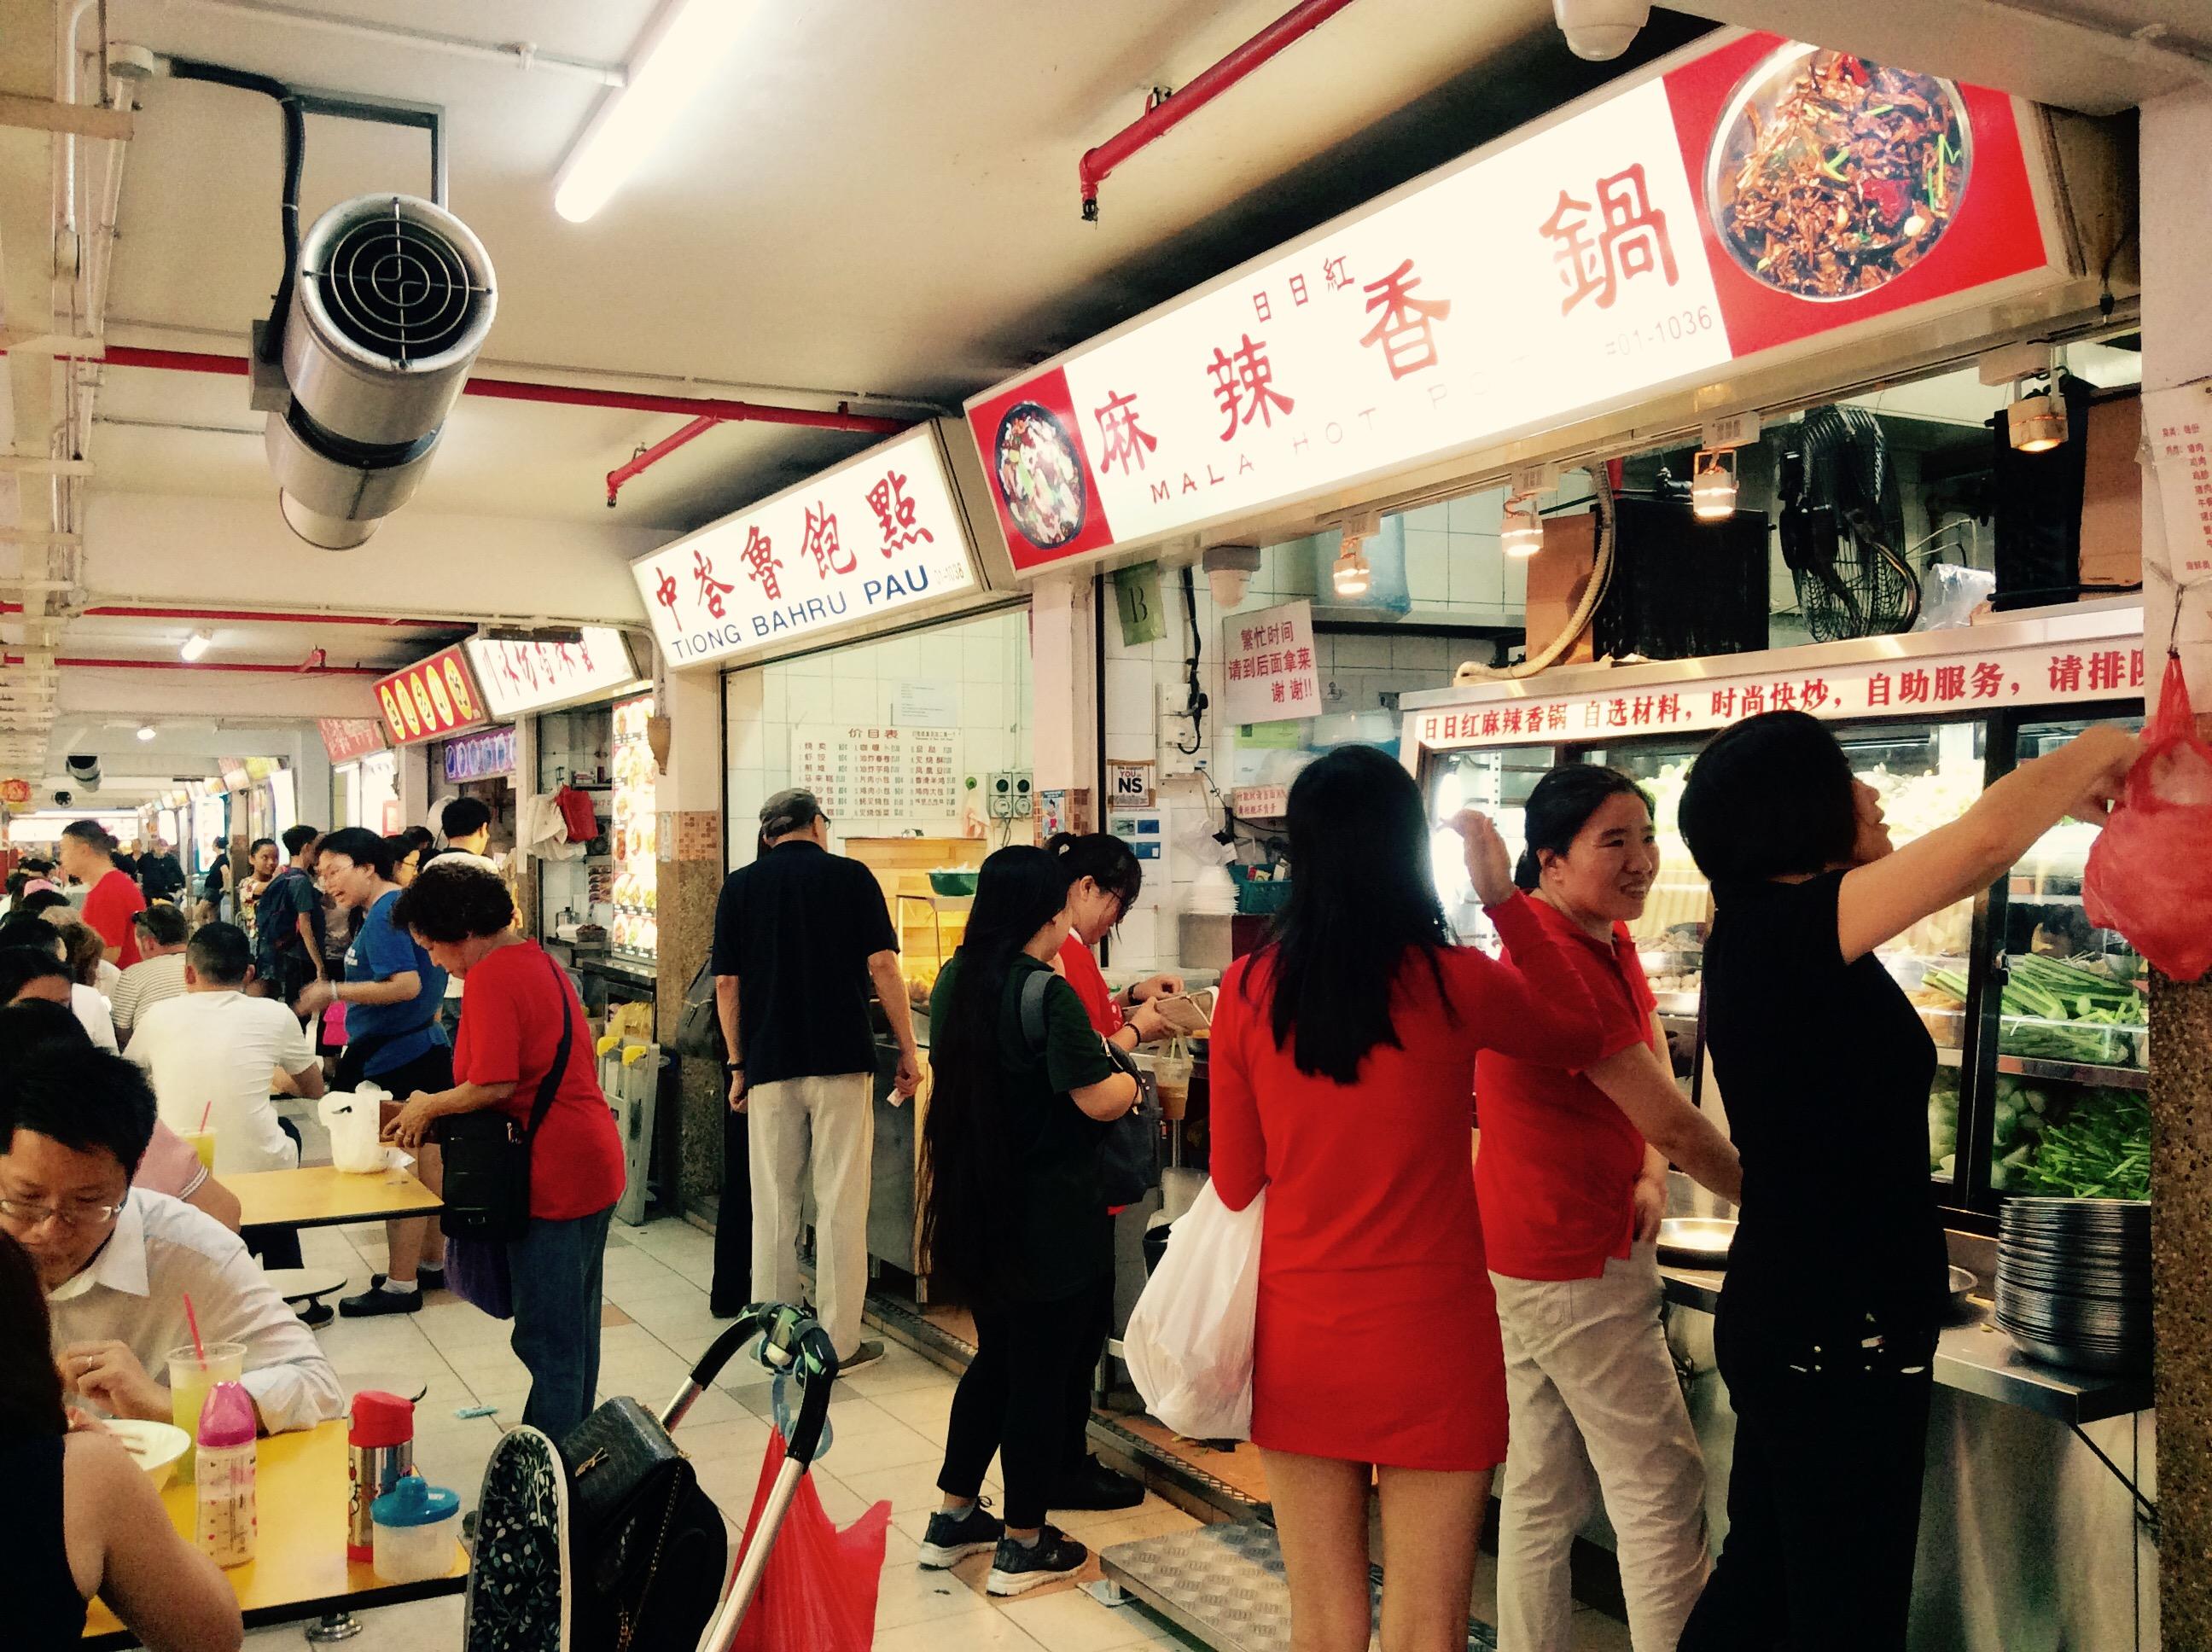 シンガポール チャイナタウン People's Park Complex Food Centre 日日紅麻辣香鍋 (リーリーホンマーラーシャンゴー)